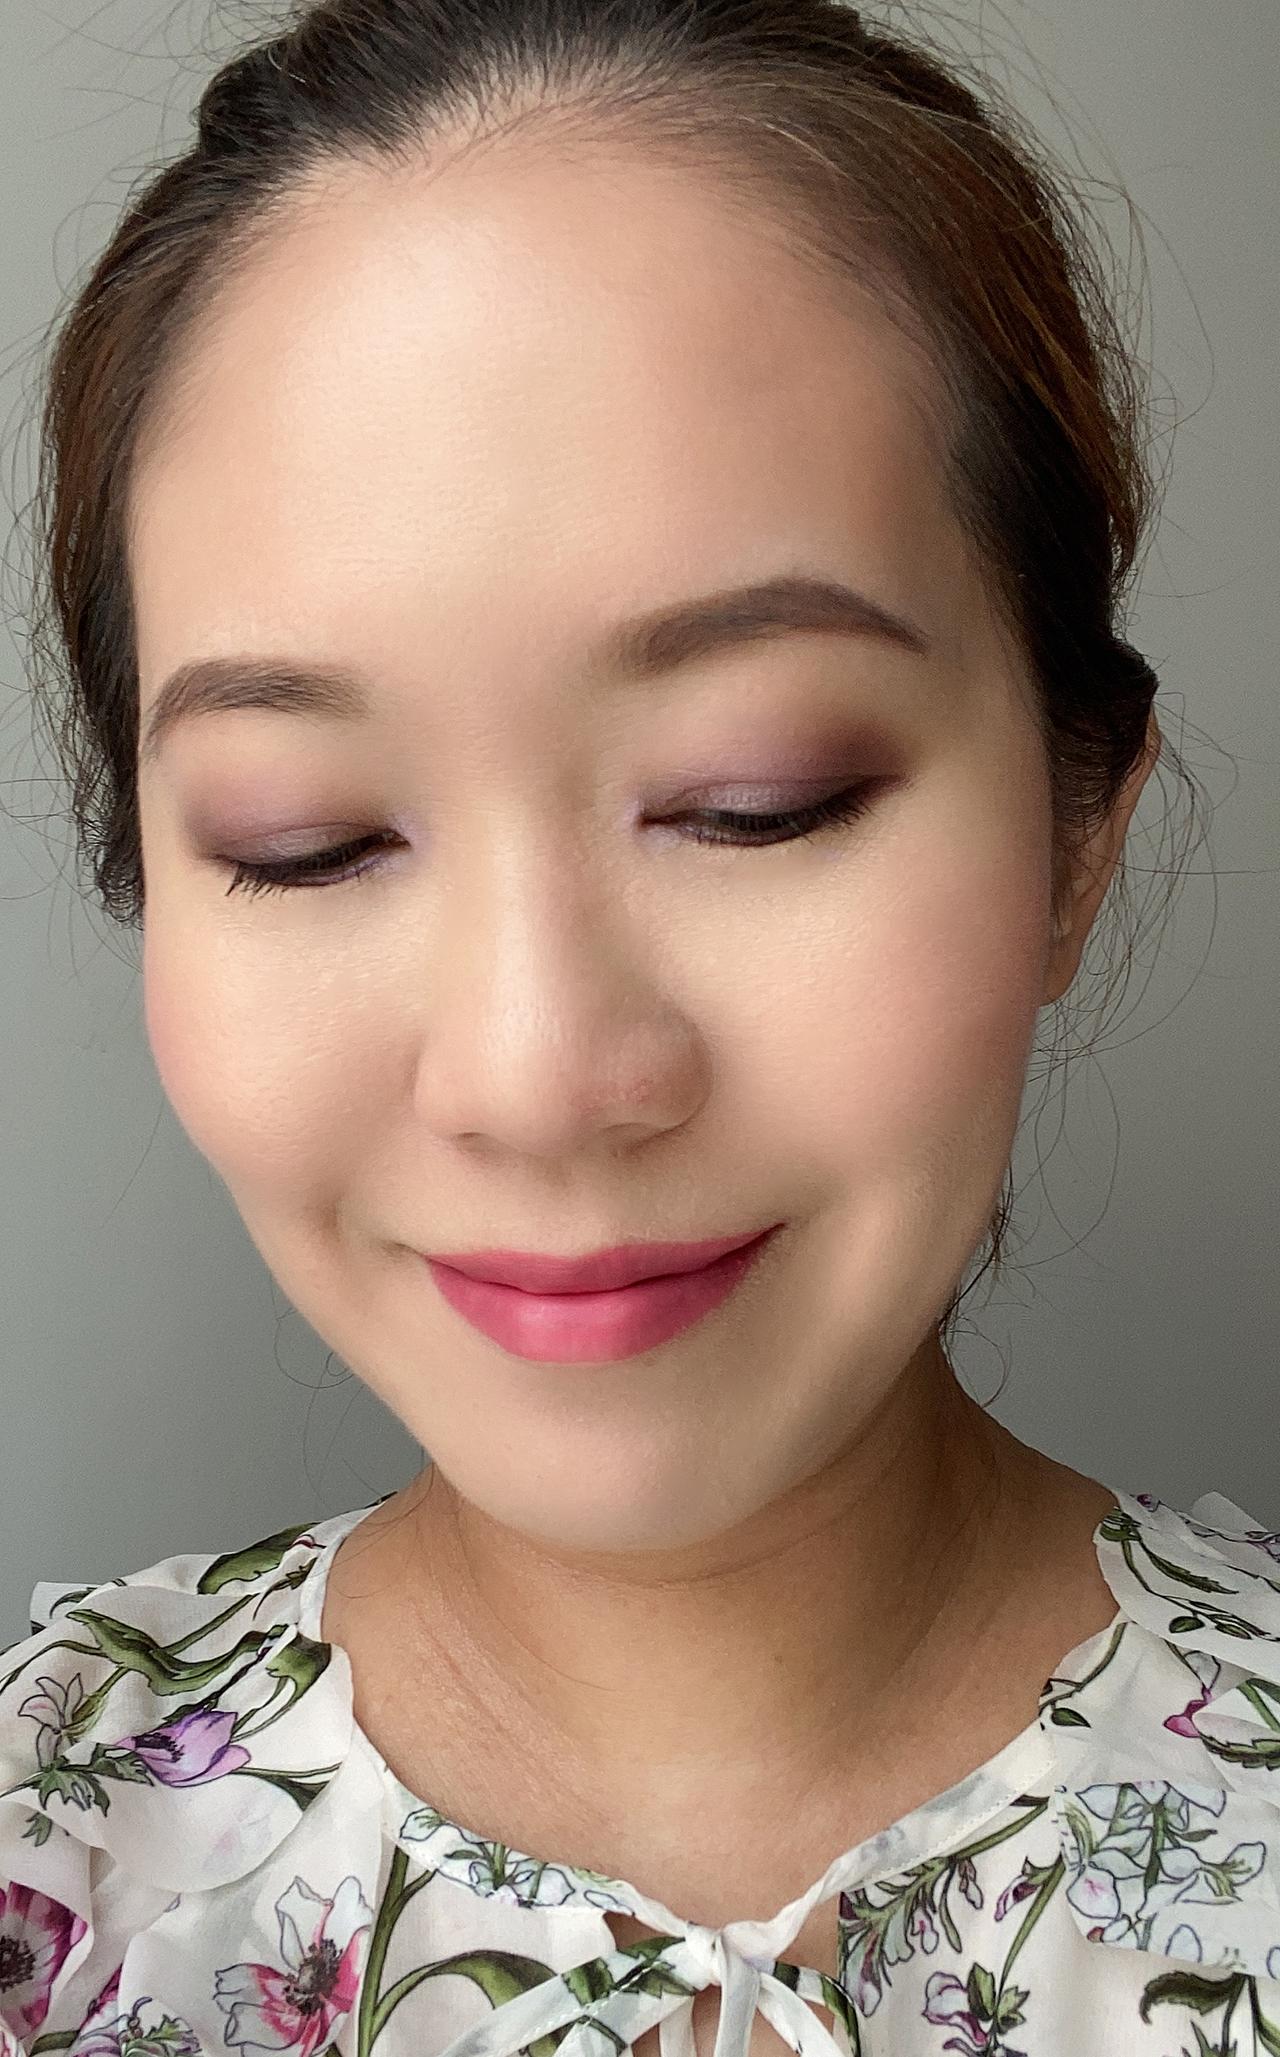 Chanel Au Fil des Fleurs makeup look